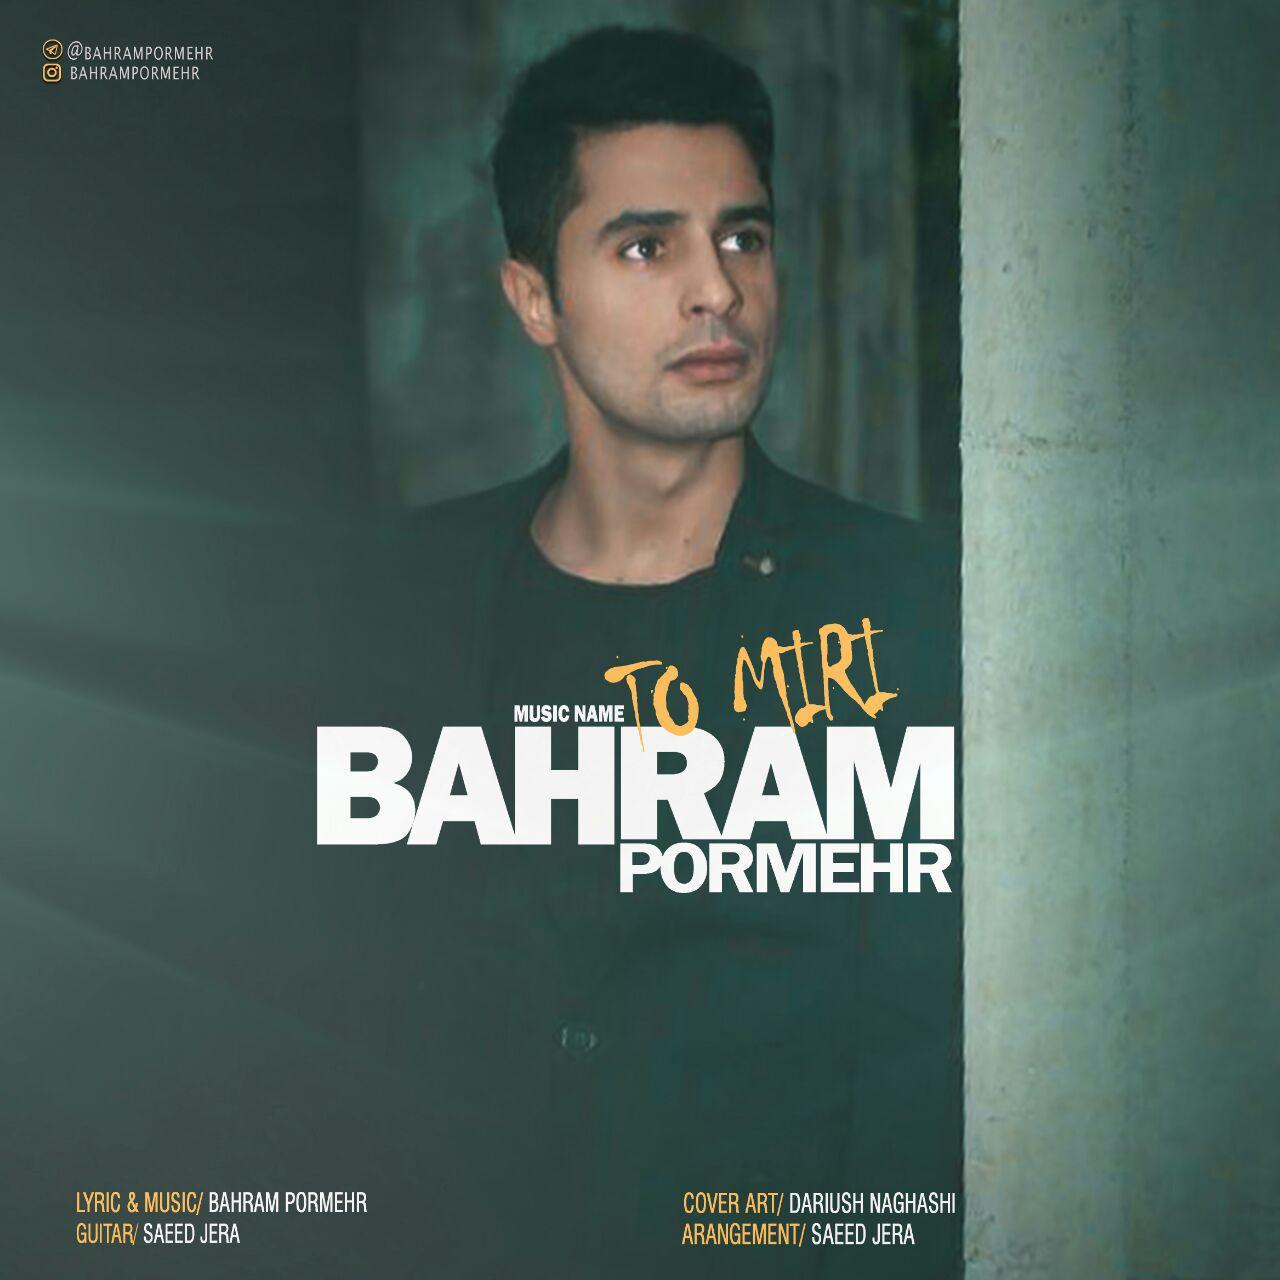 Bahram PorMehr – To Miri